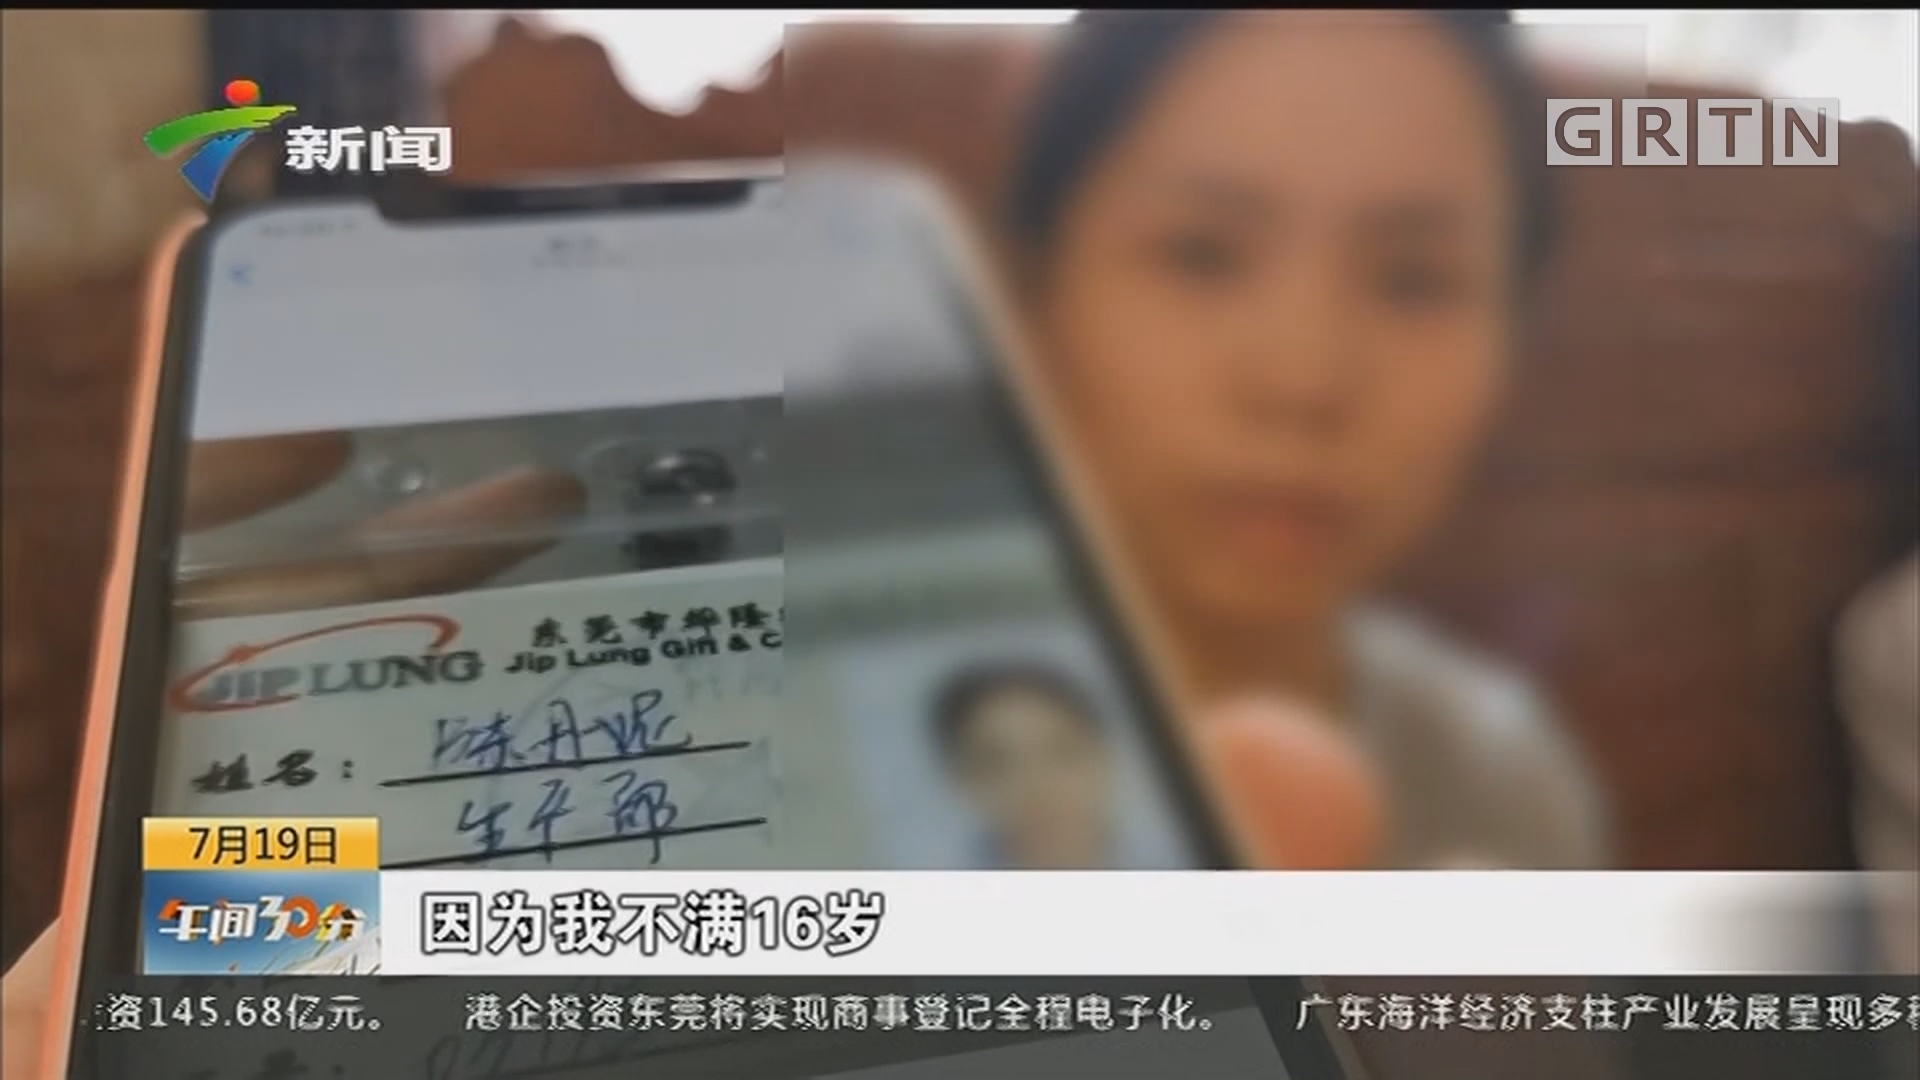 东莞东坑 暑期工投诉:不给加班费 还被克扣工资?